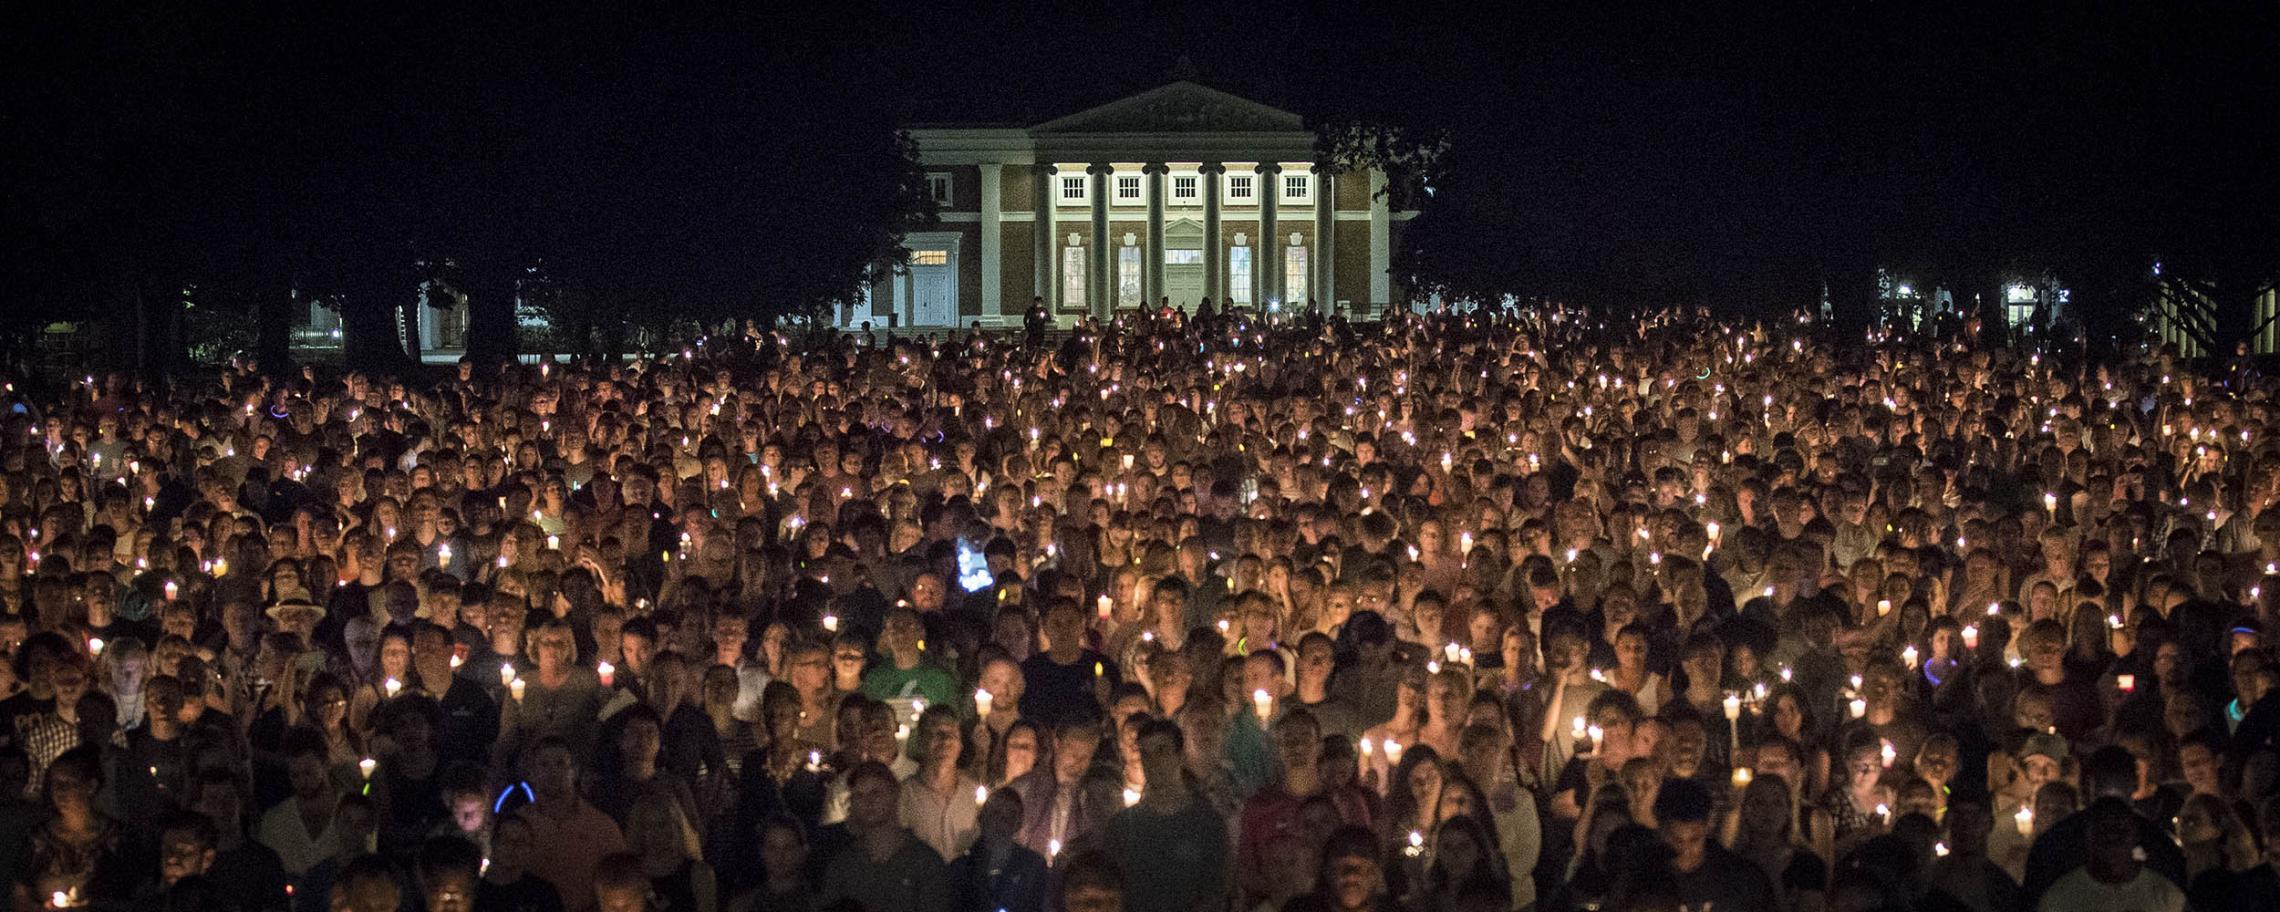 Thousands attended the vigil. (Photo by Sanjay Suchak, University Communications)